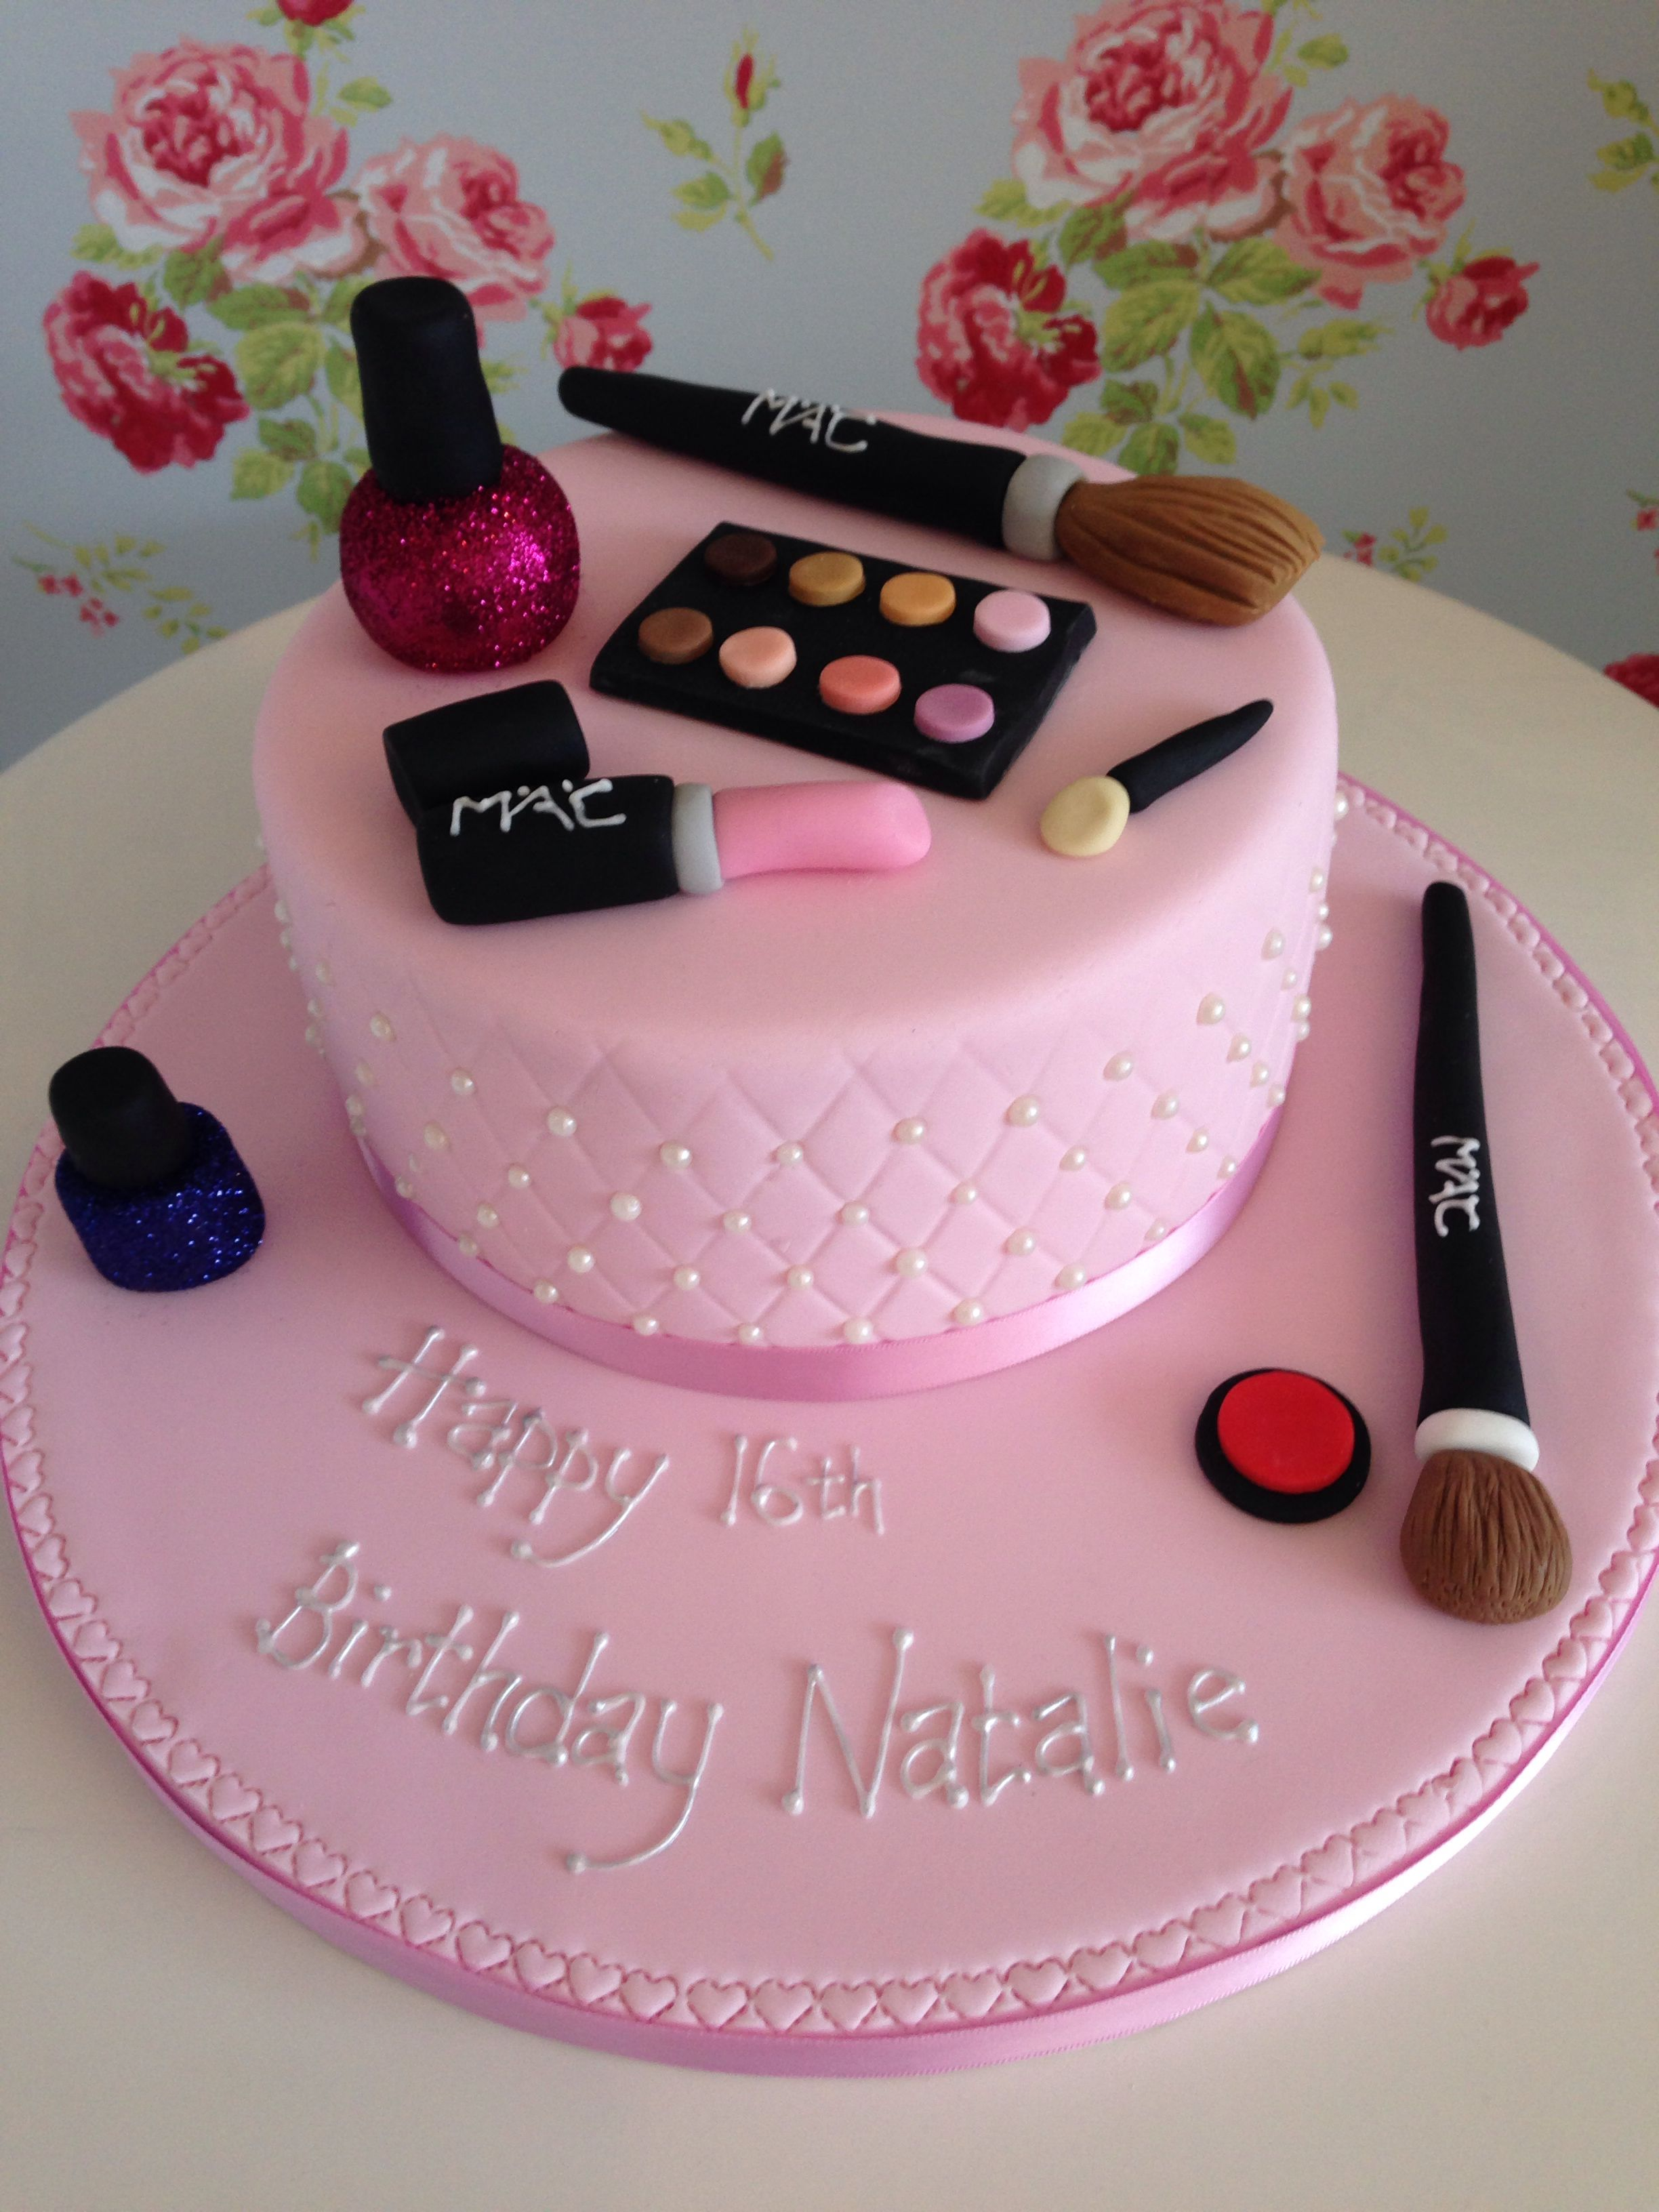 Mac Makeup Cake Make Up Cake Cake Decorating Piping Cake Decorating Tips